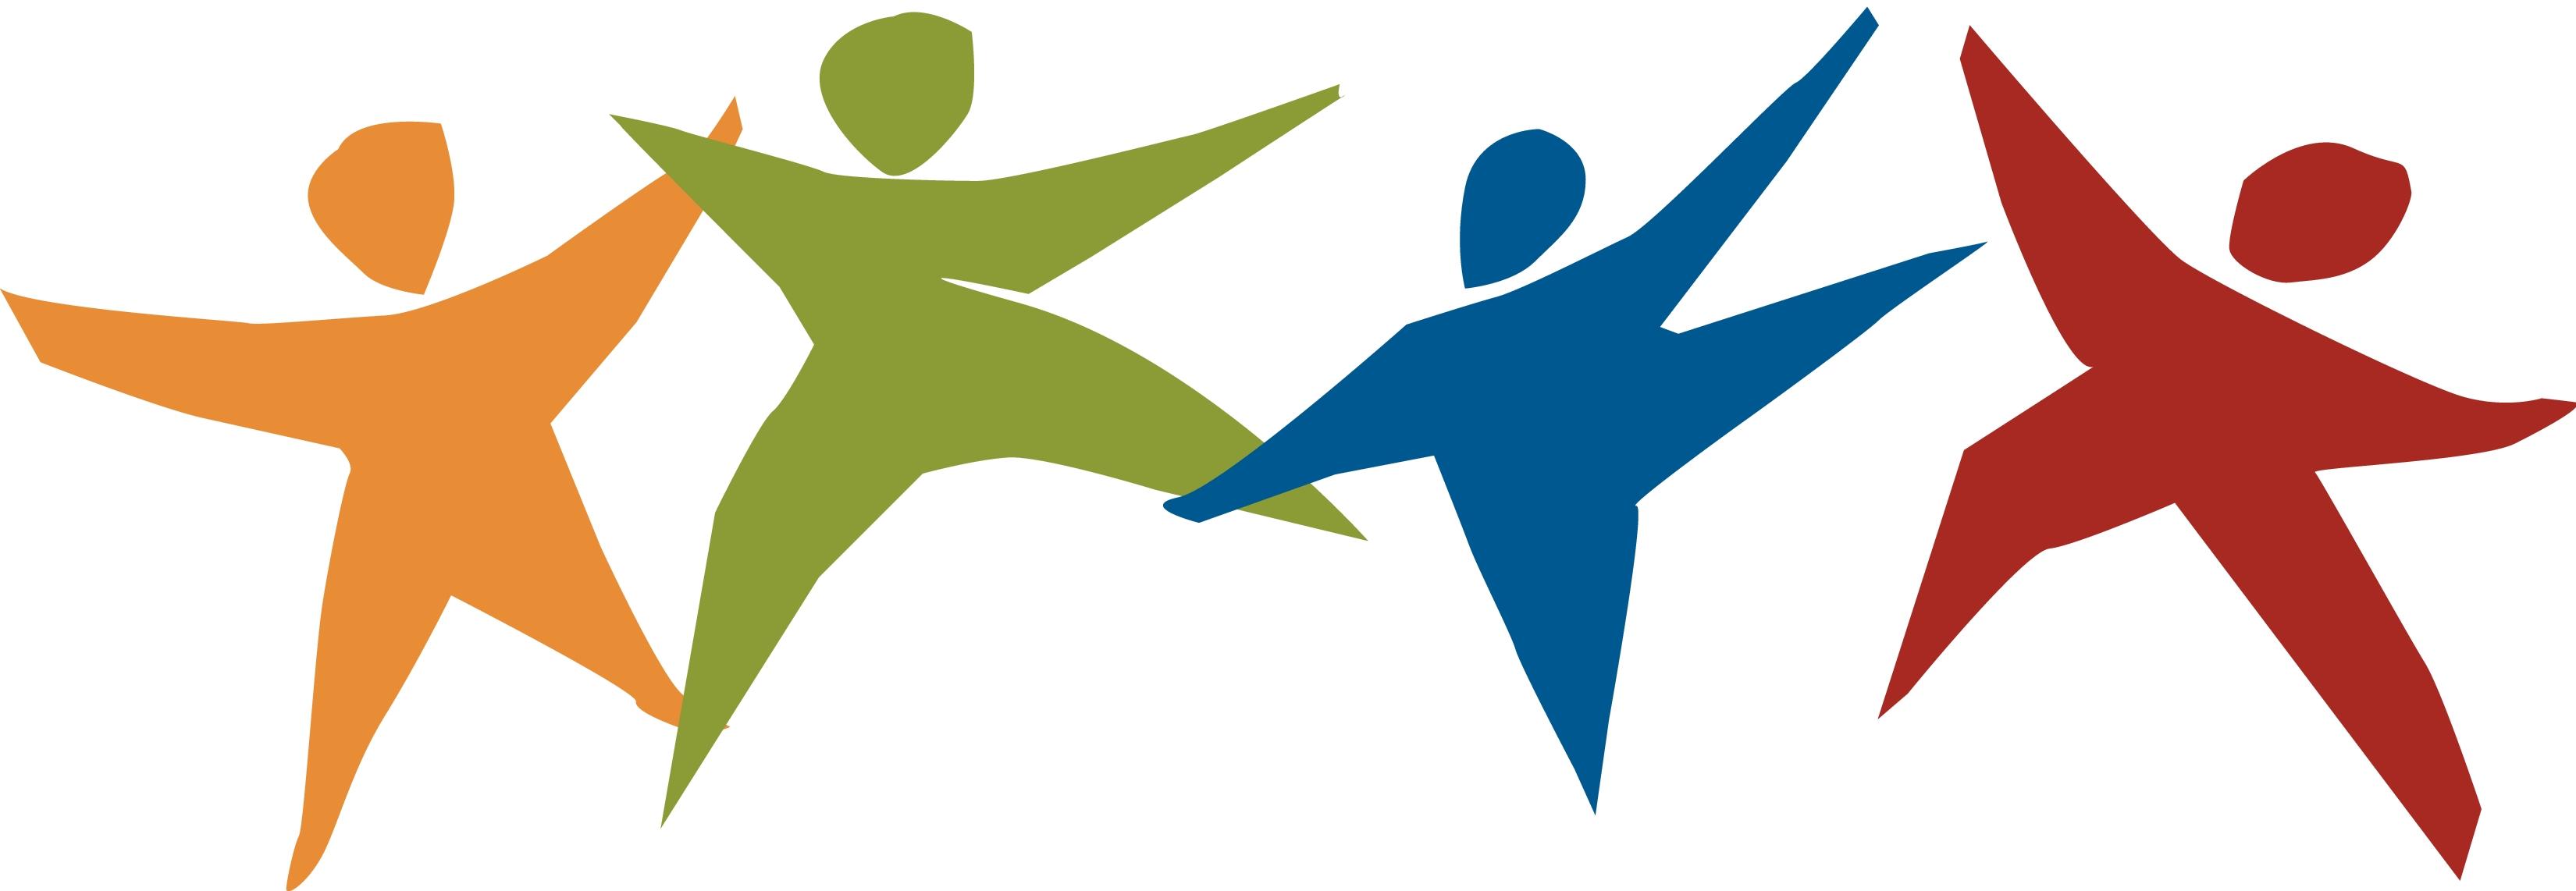 Praise Dance Clip Art Cliparts Co-Praise Dance Clip Art Cliparts Co-2